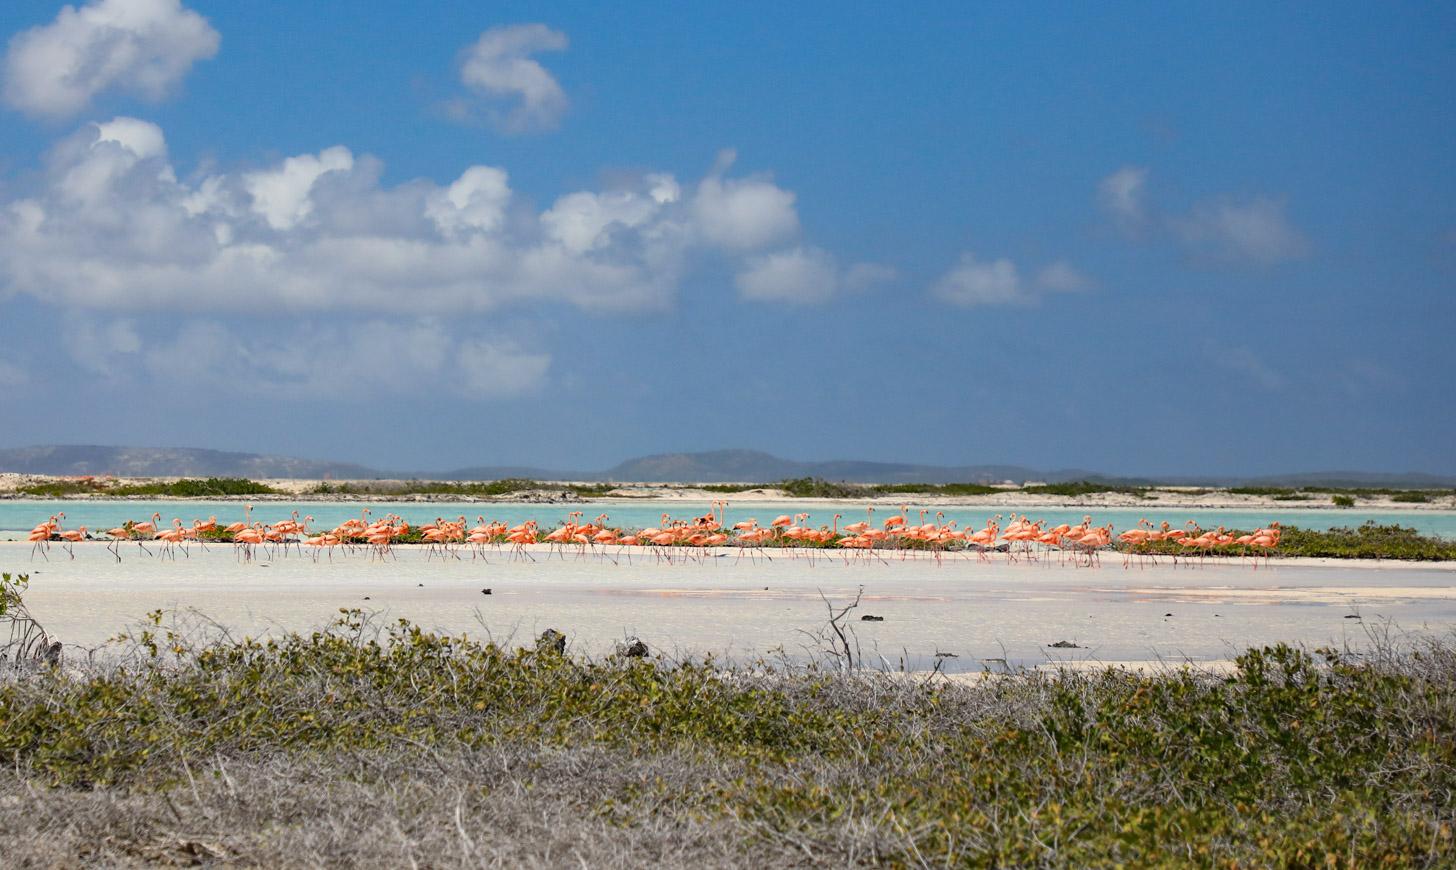 Een groep flamingo's in de zoutpannen